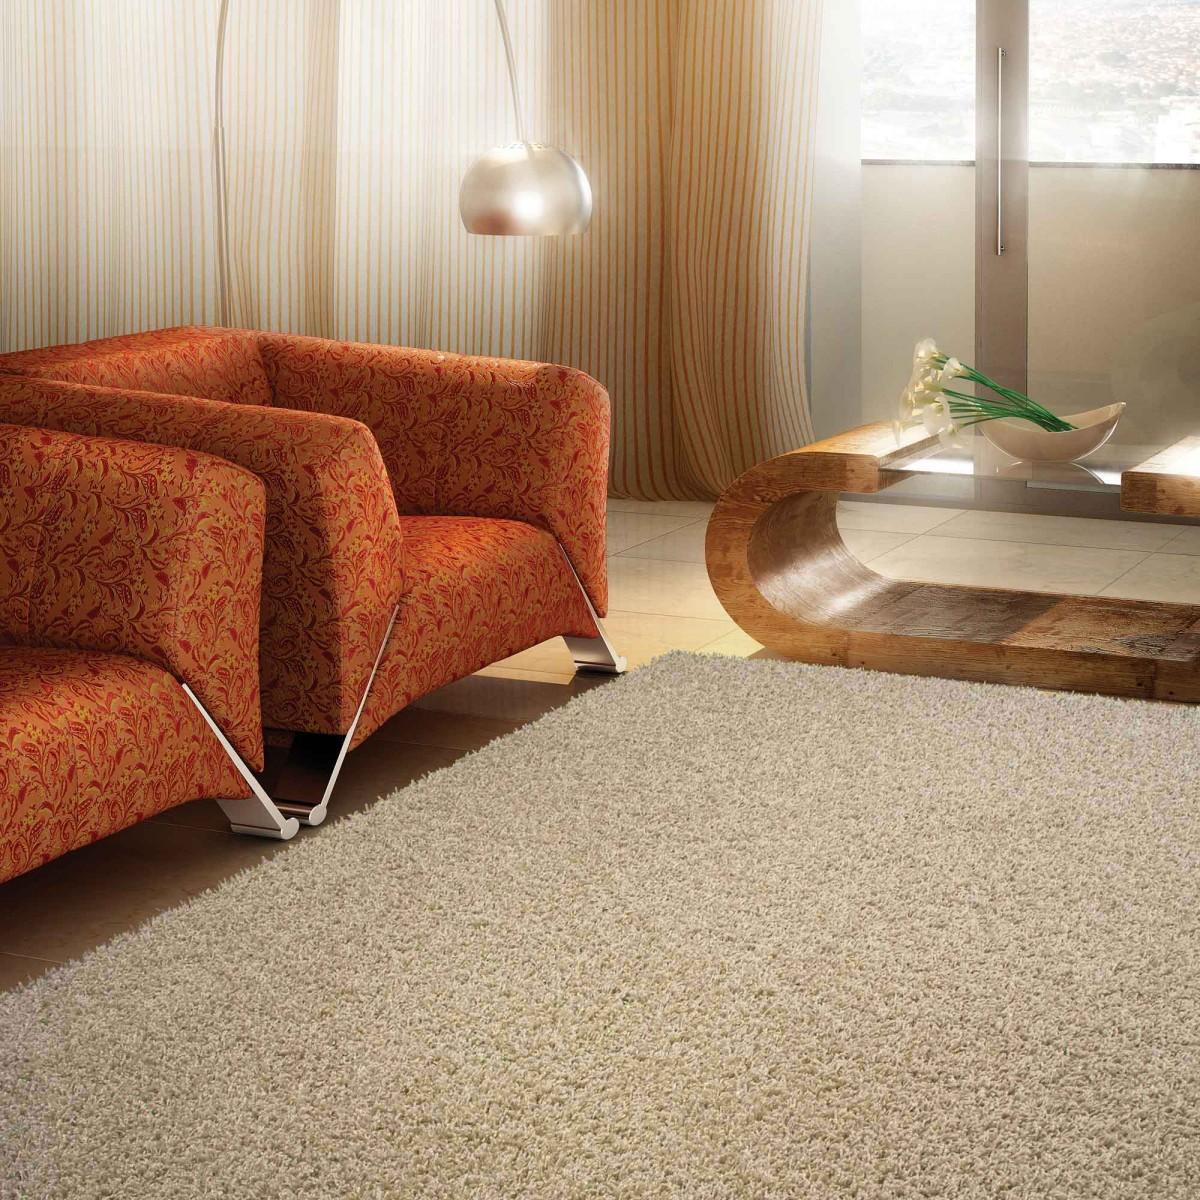 #A64625 Como escolher um bom tapete para decorar sua sala neste natal? Apostas  1200x1200 píxeis em Decoração Sala De Estar Tapetes